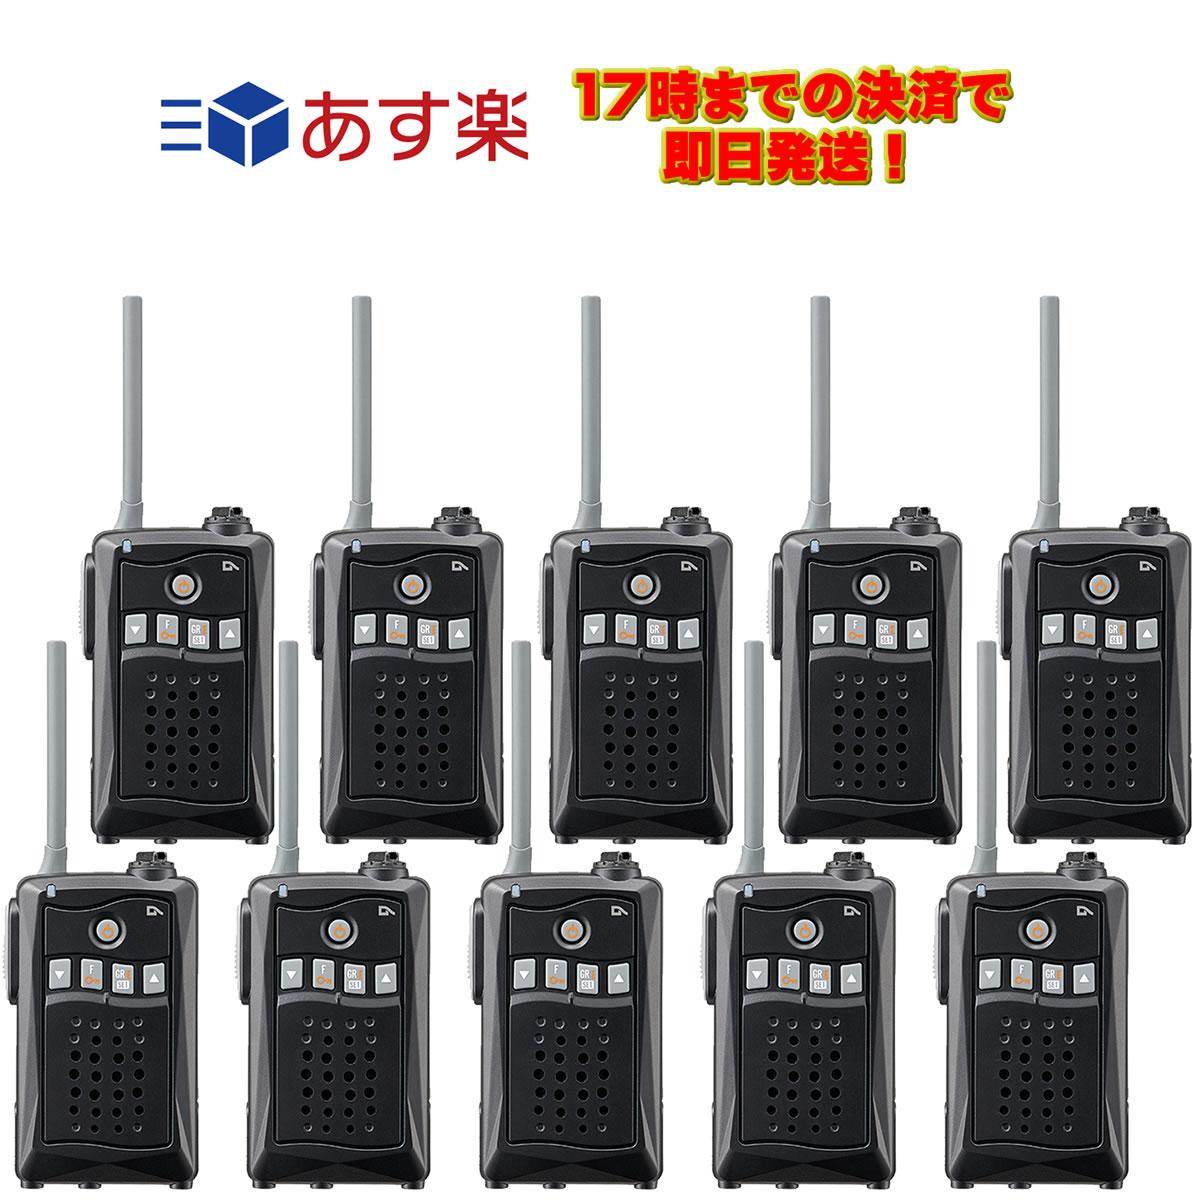 【ラッキーシール対応】 DJ-CH3B 10台セット アルインコ 特定小電力トランシーバー 交互・交互中継通話対応 ブラック